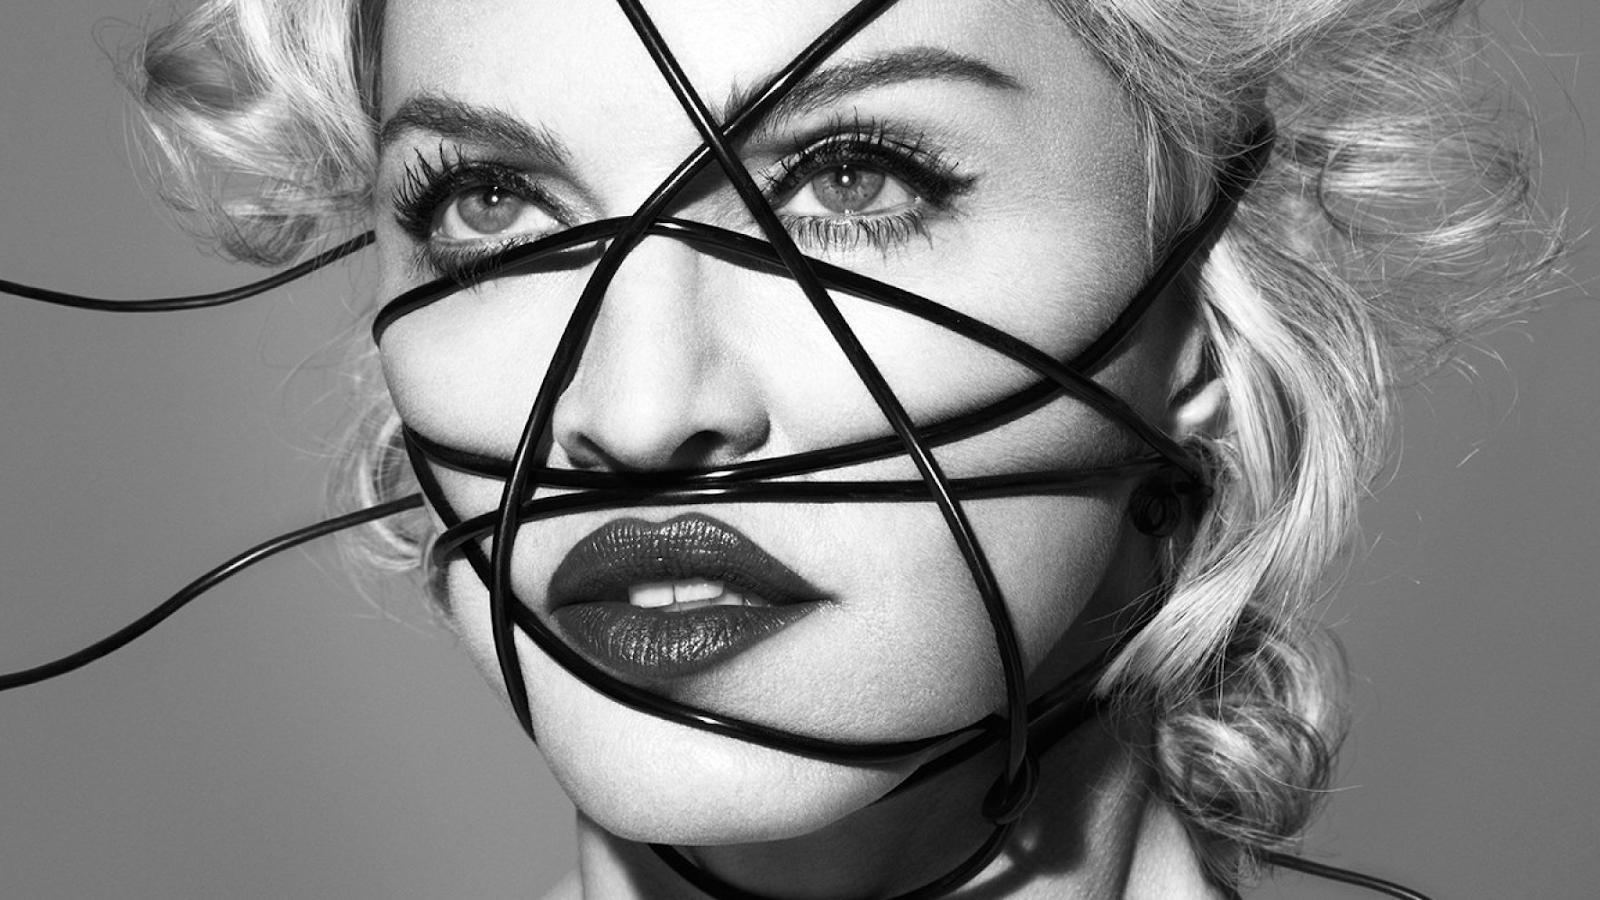 Madonna, se a senhora não lançou nada a tempo de concorrer ao Grammy, pra que passar vergonha mandando shade de graça, mulher?